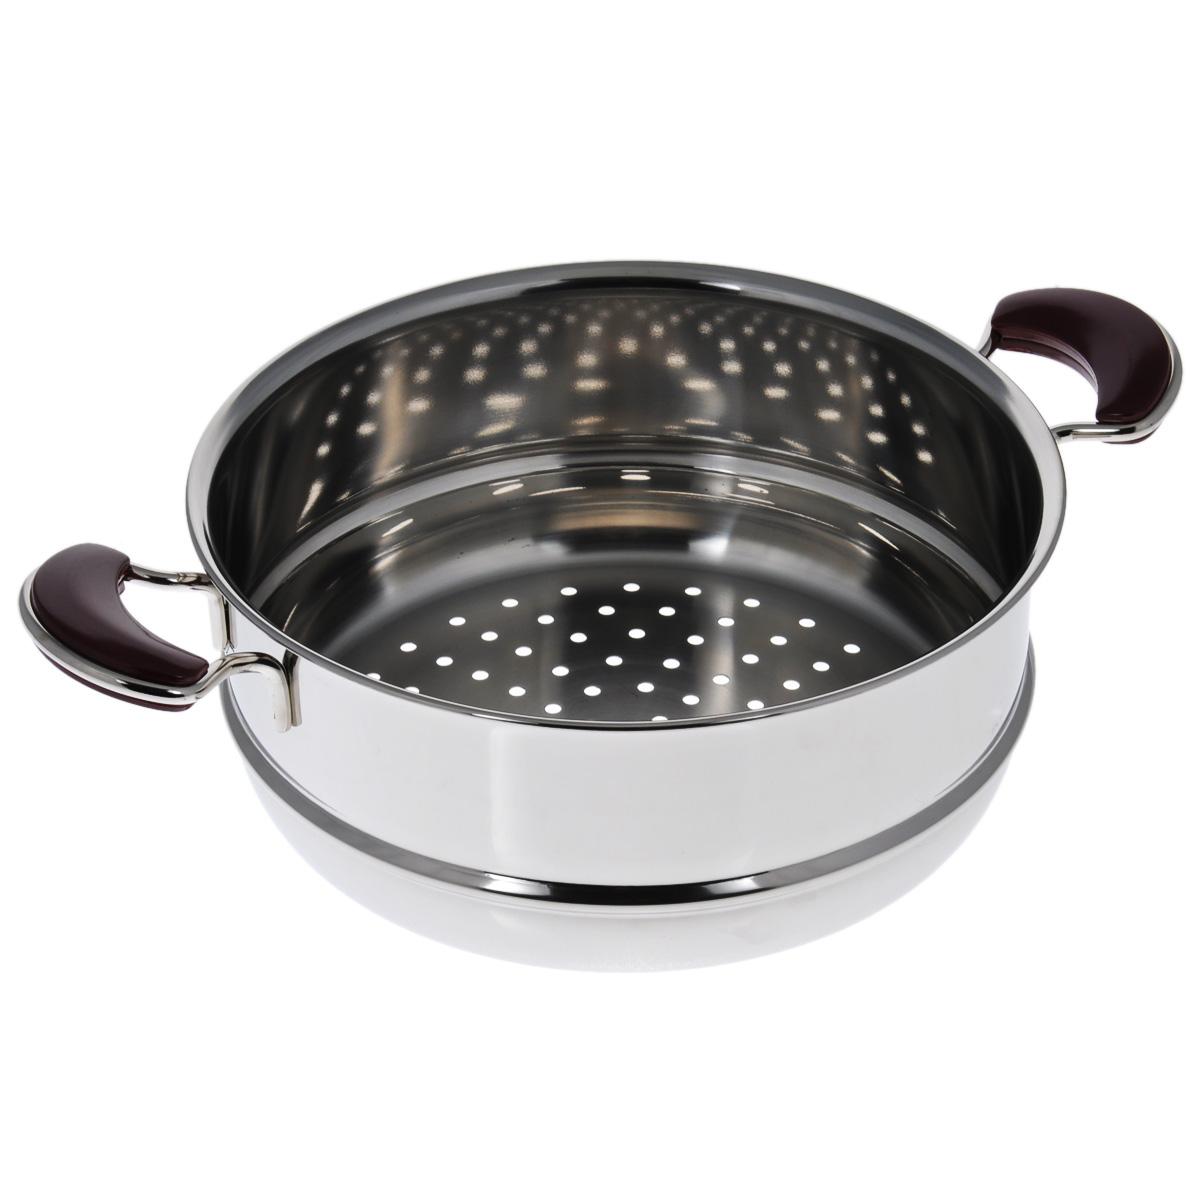 Вставка-дуршлаг Kitchen-Art EX Pot. Диаметр 26 см115510Вставка-дуршлаг Kitchen-Art EX Pot выполнена из высококачественной нержавеющей стали с зеркальной полировкой. Дно изделия с трехслойным напылением, легкое, но очень прочное. Модный европейский дизайн, обтекаемые линии и формы. Изделие может использоваться как вставка-пароварка для обычной кастрюли или как обычный дуршлаг. Для удобного использования ручки из нержавеющей стали оснащены бакелитовыми вставками бордового цвета. Можно мыть в посудомоечной машине. Высота стенки: 10 см. Ширина (с учетом ручек): 37 см. Толщина стенки: 2 мм.